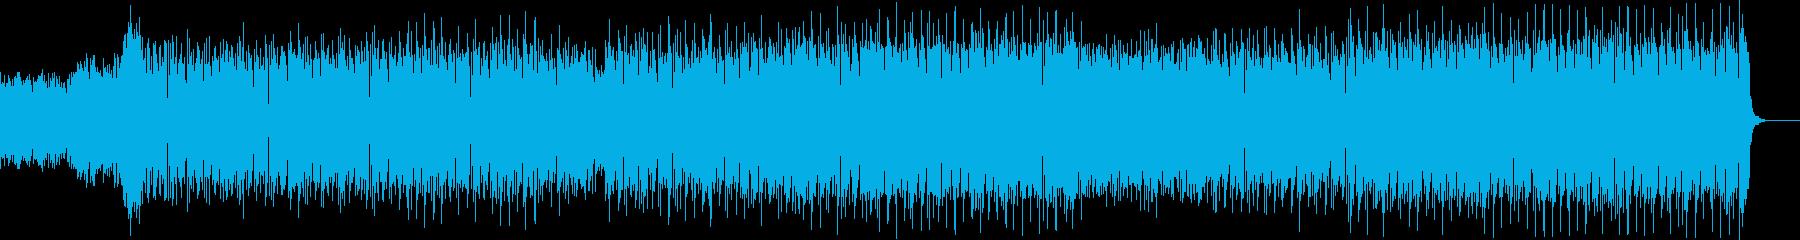 爽やか・透明感・始まり・アコギ AD01の再生済みの波形